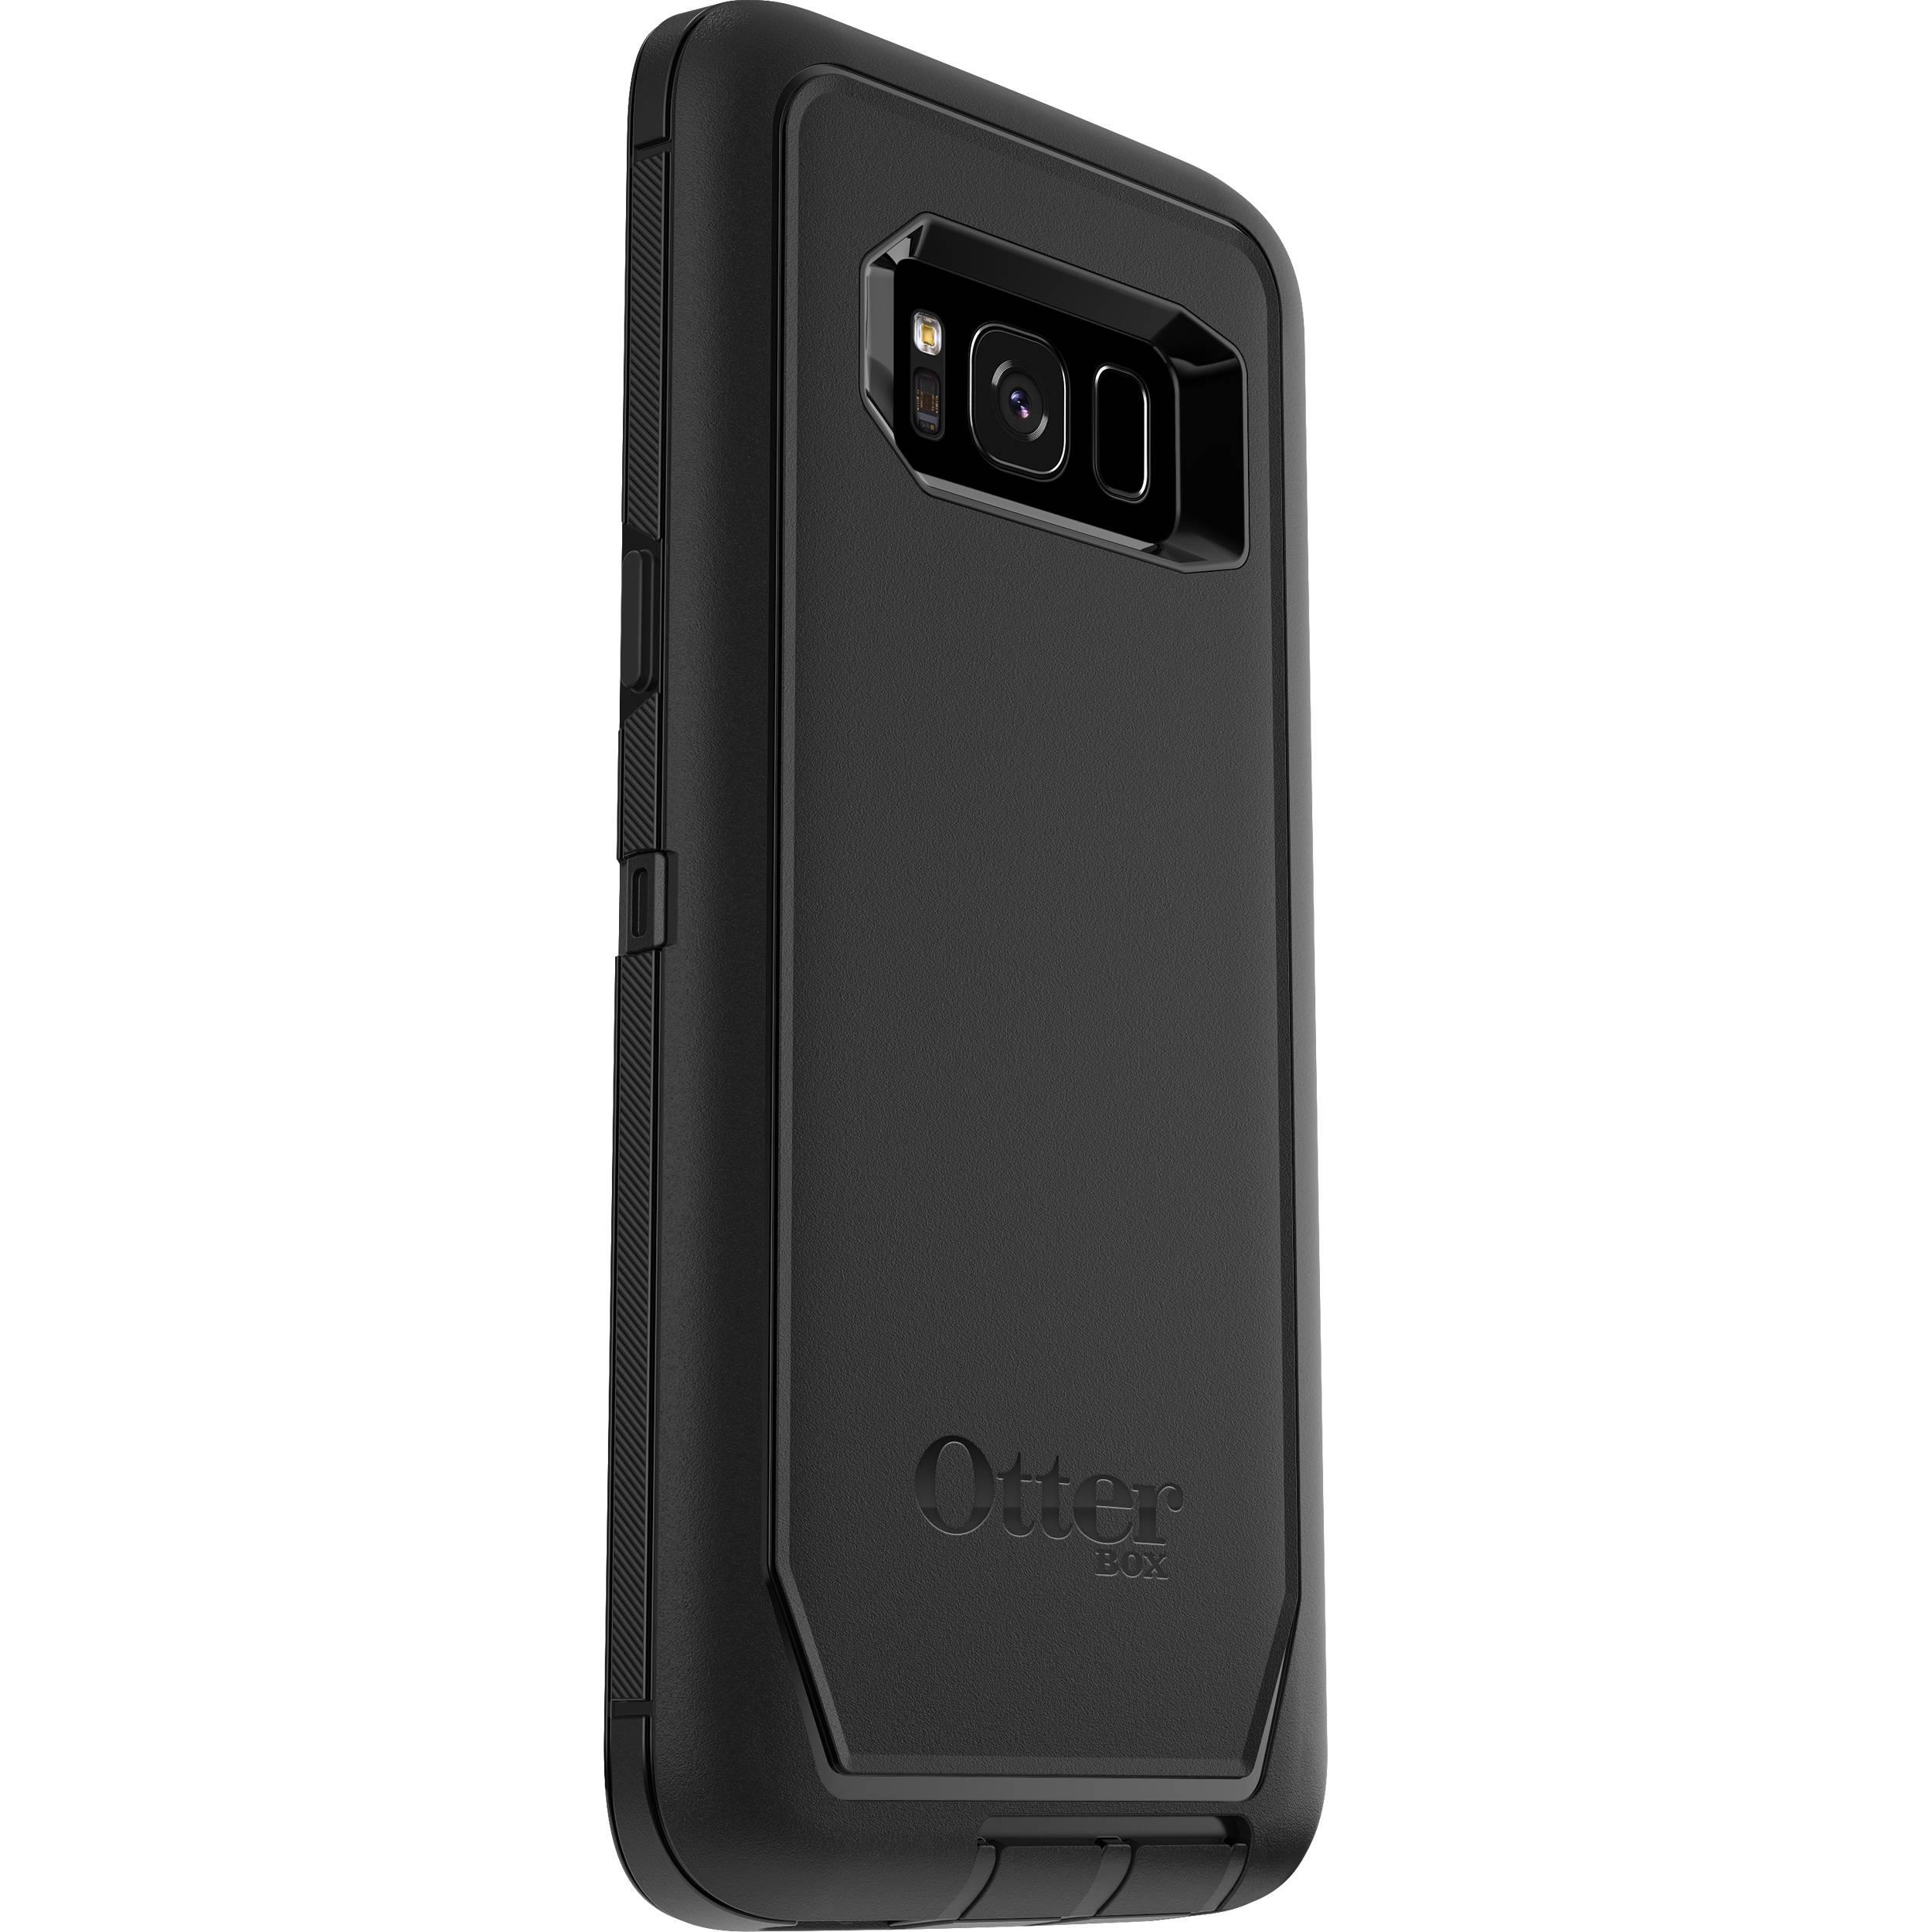 pretty nice 6a1e6 7c871 OtterBox Defender Series Case for Galaxy S8 (Black)